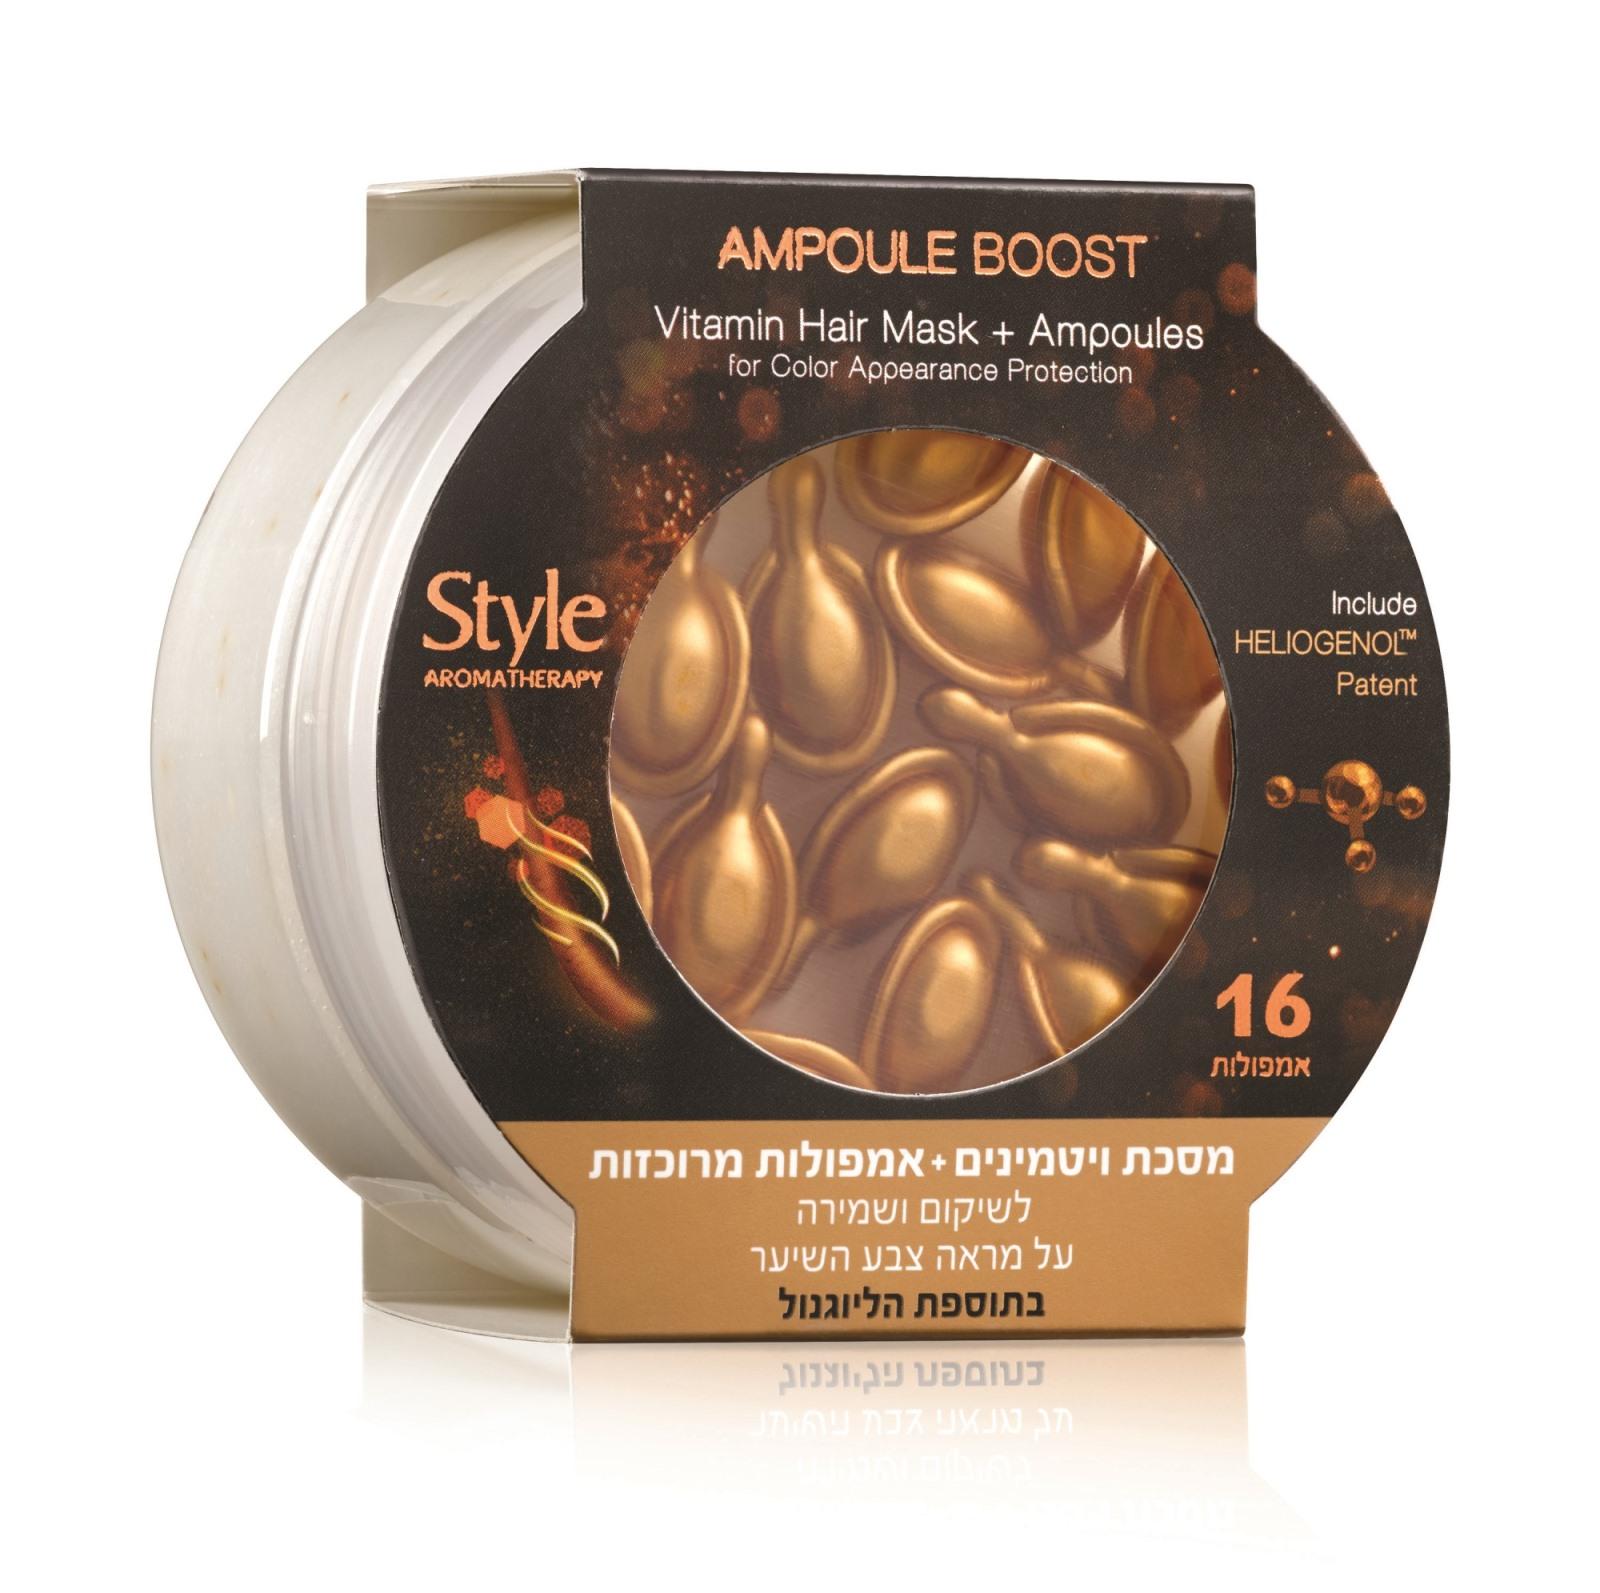 ערכת מסכה פלוס אמפולות להגנה על צבע שיער